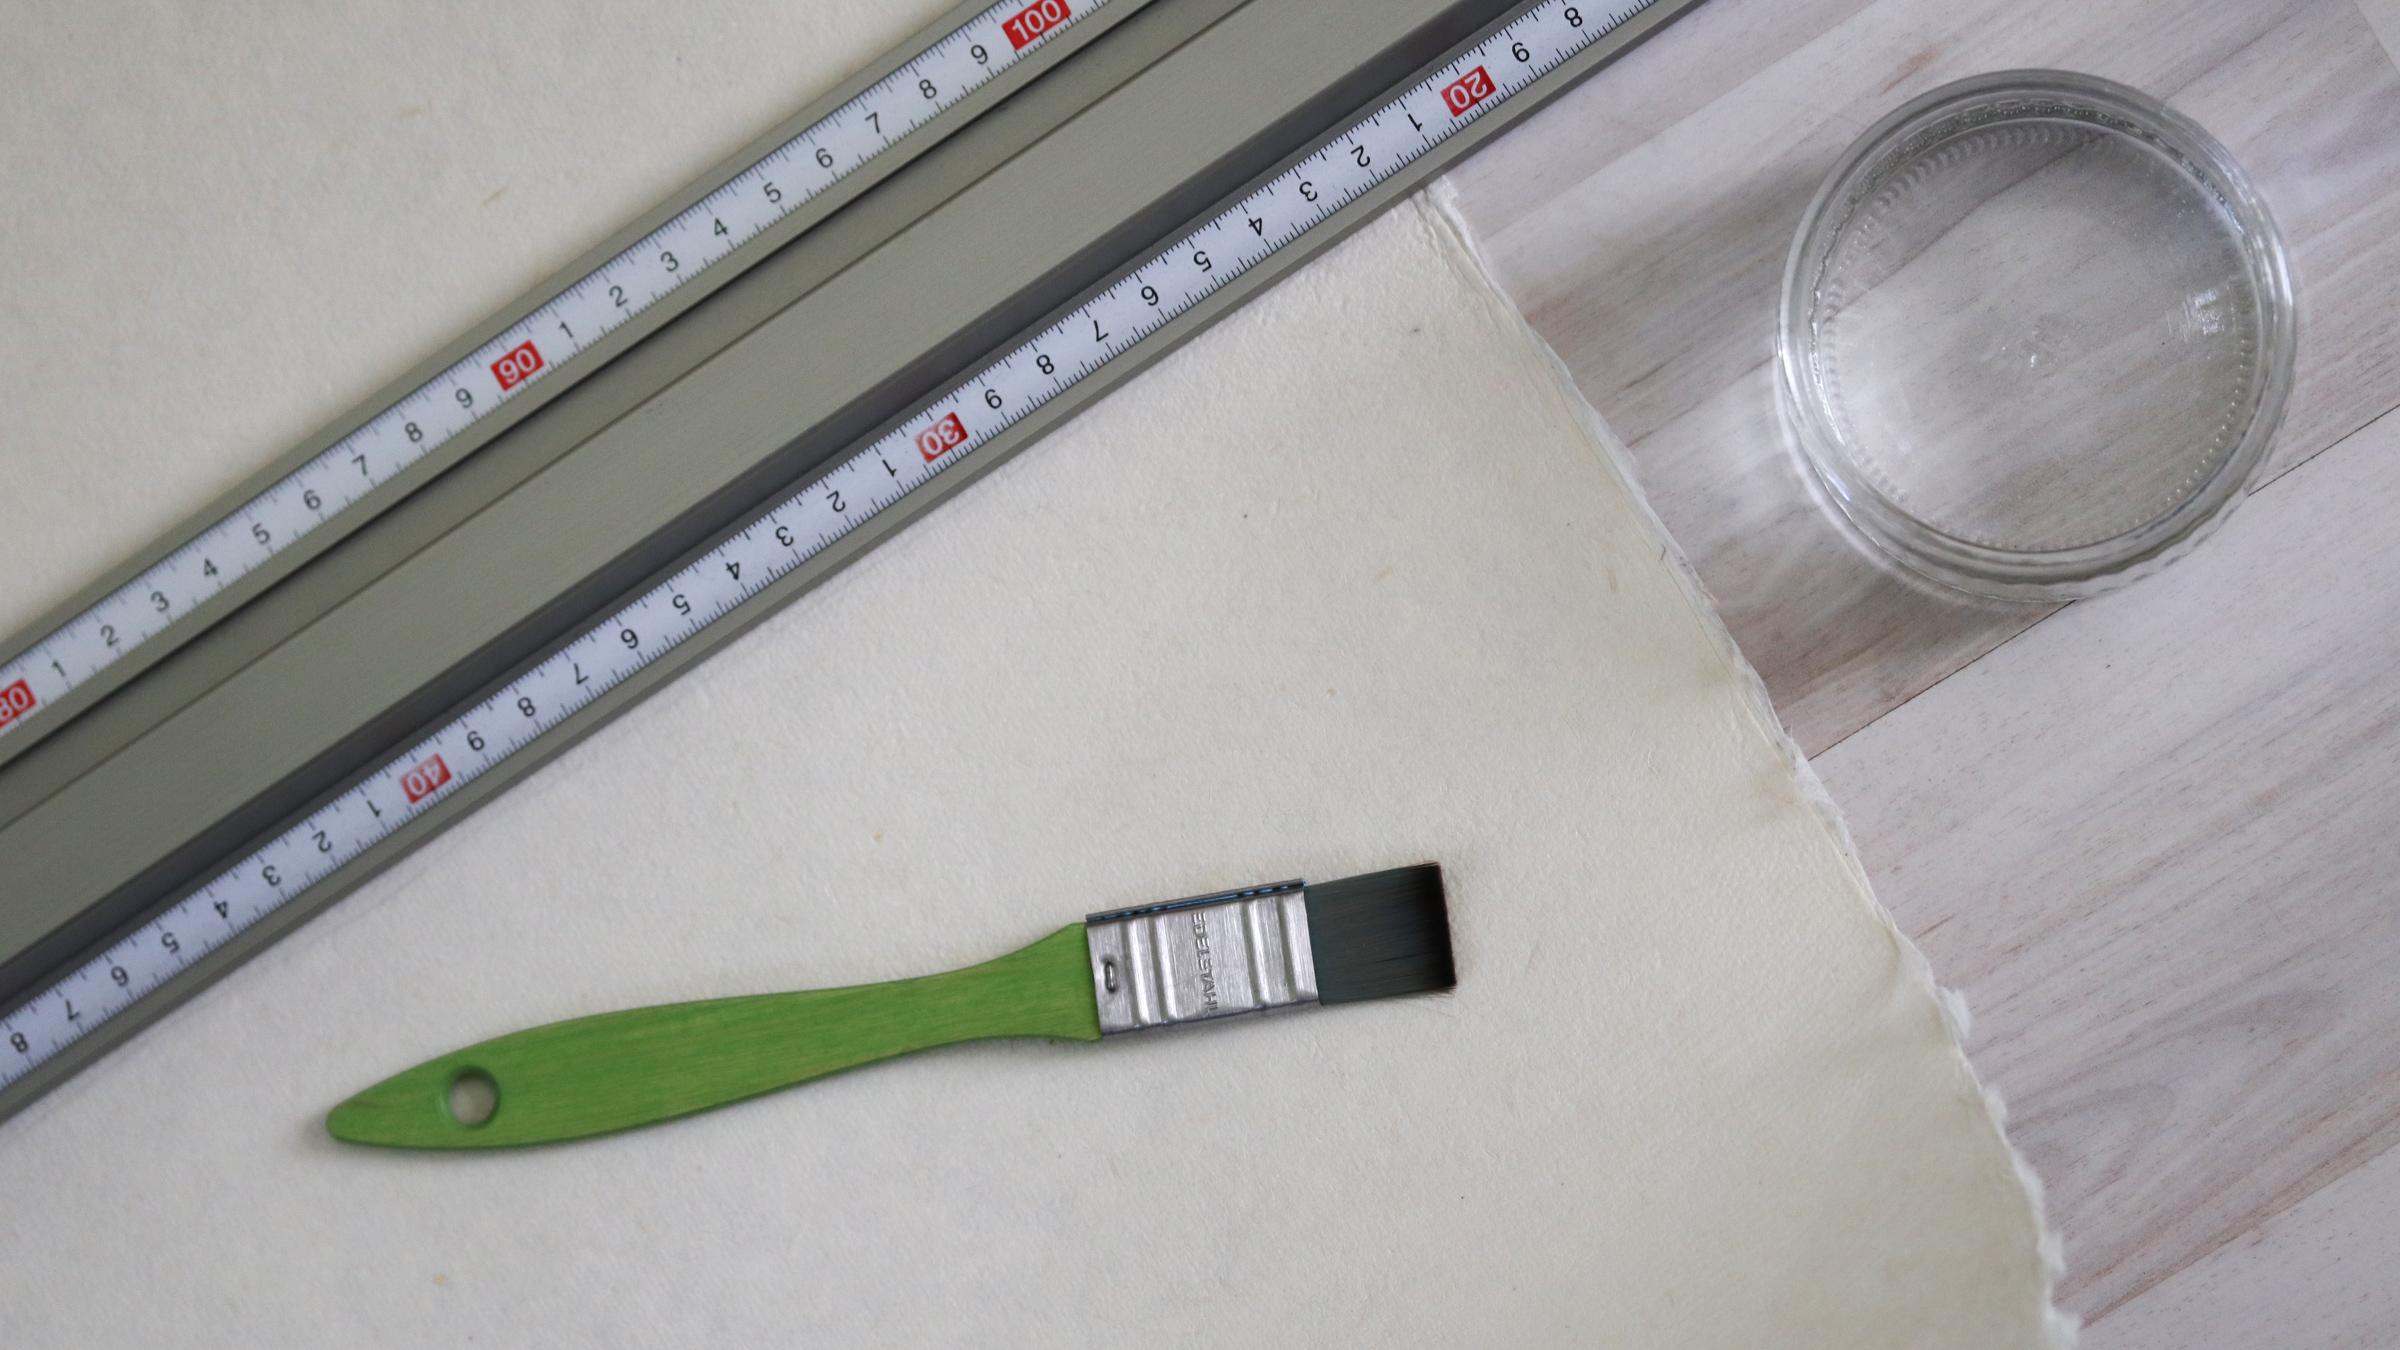 Zum Reißen des großen Bogens Büttenpapier benötigt man ein Metall-Lineal, klares Wasser und einen Pinsel.